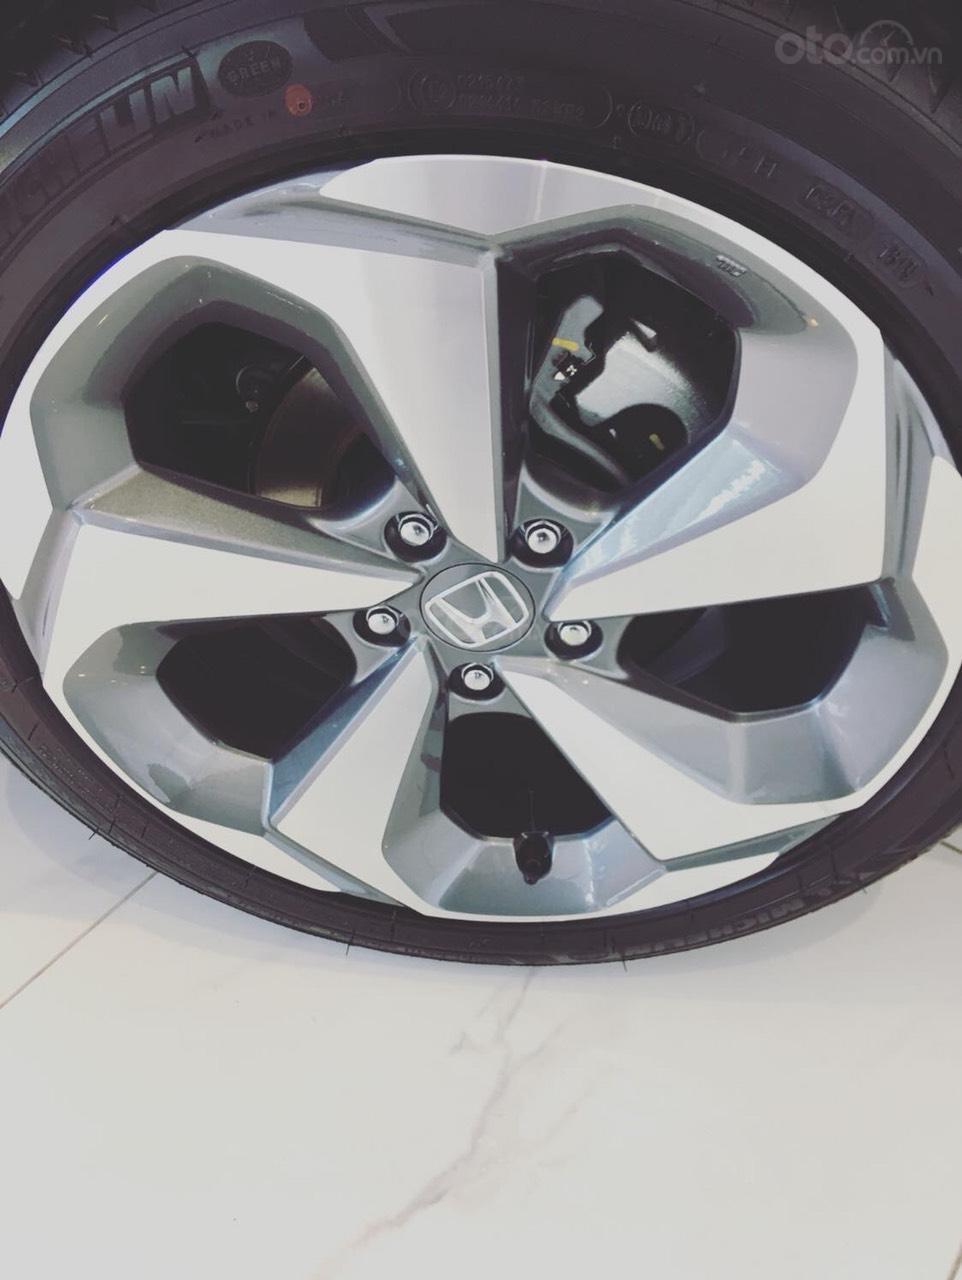 Bán Honda Accord 1.5 Turbo 2020 giao sớm, quà chất trao tay (8)